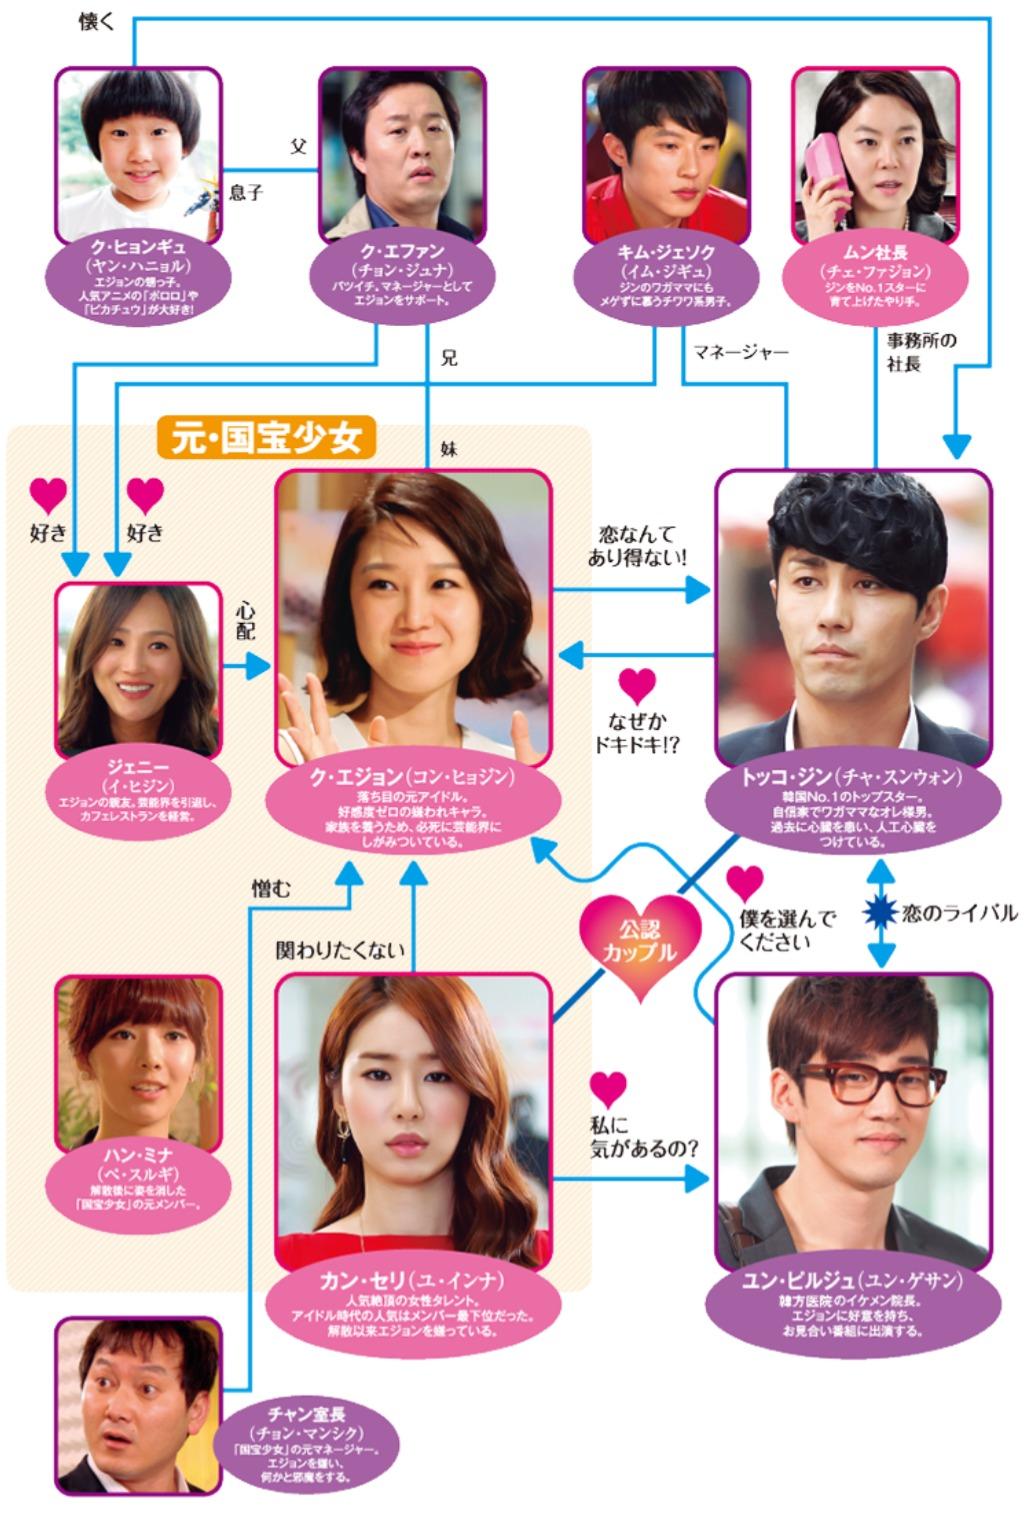 韓国ドラマ『最高の愛~恋はドゥグンドゥグン~』登場人物相関図(関係図)